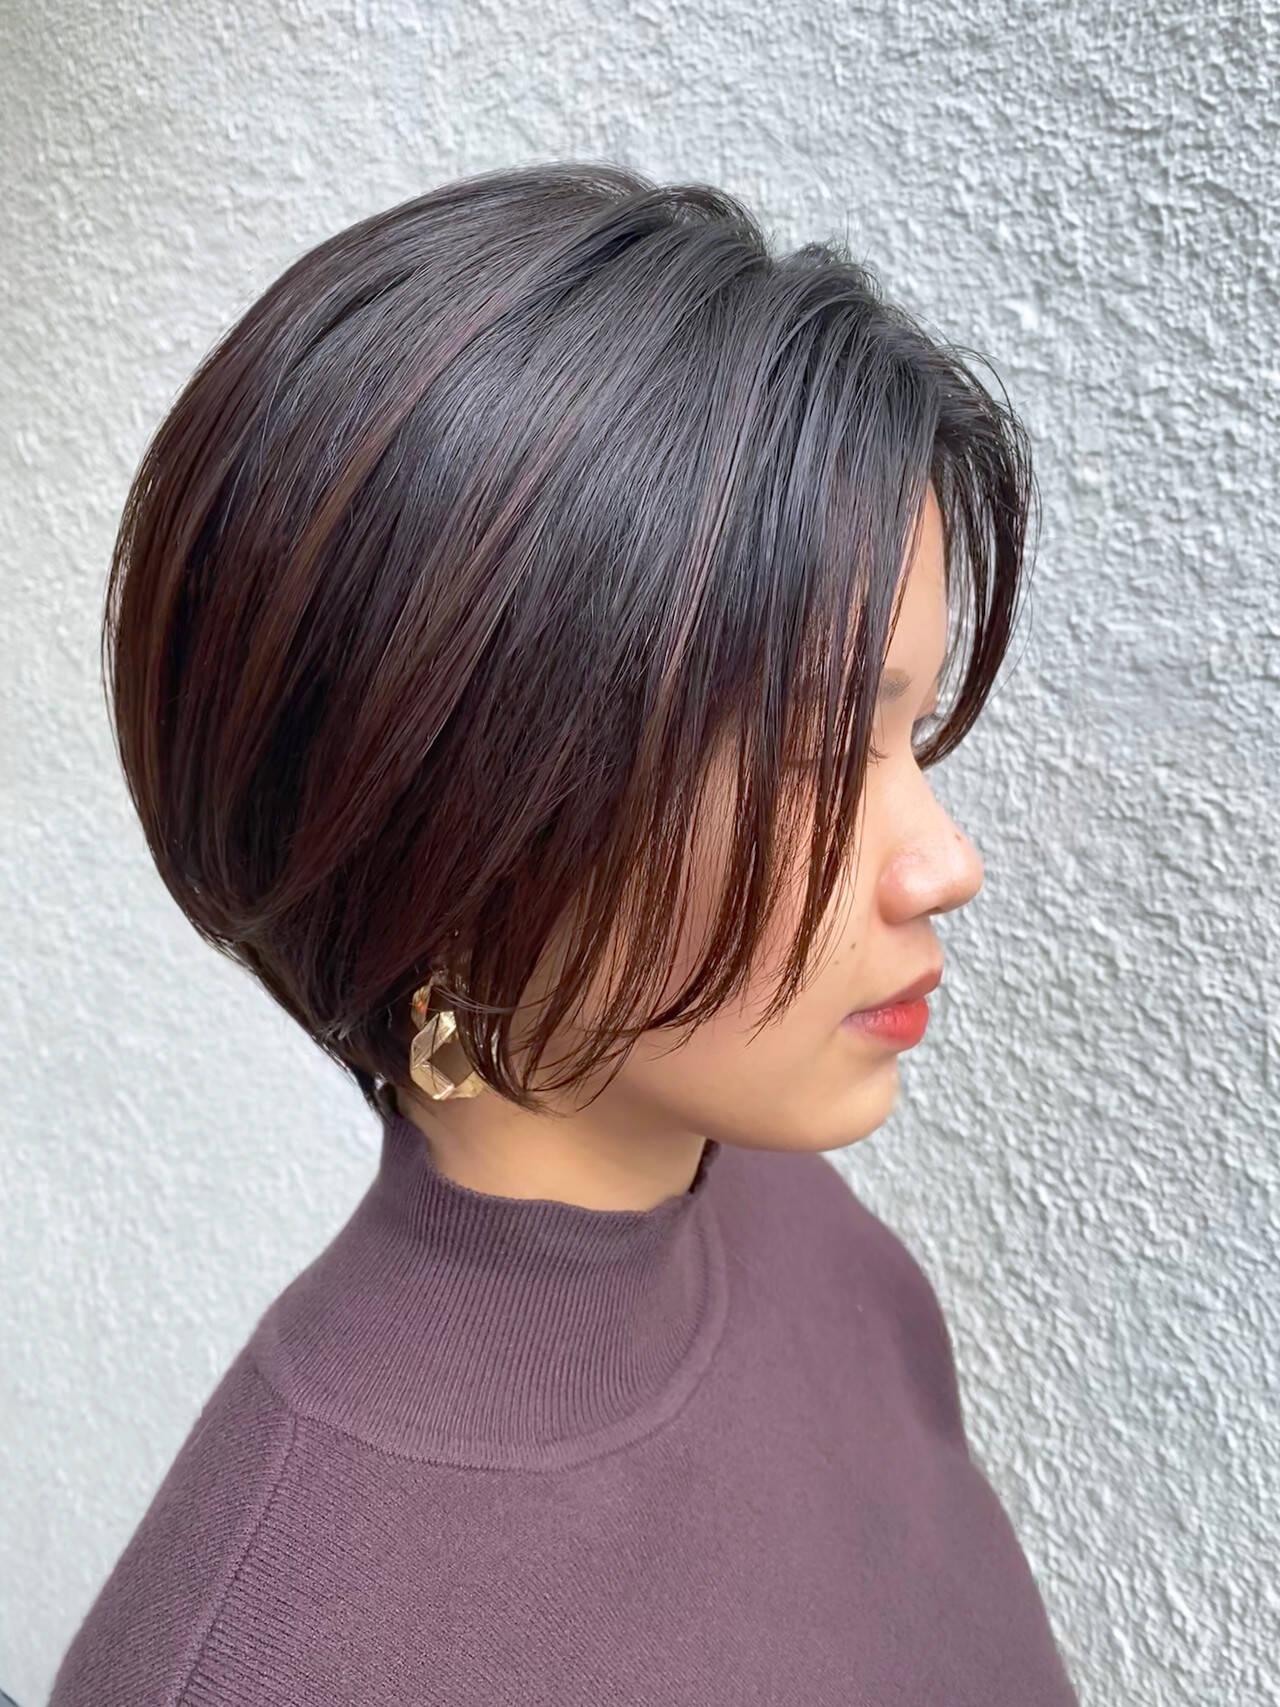 ベリーショート ナチュラル ショートヘア コンパクトショートヘアスタイルや髪型の写真・画像